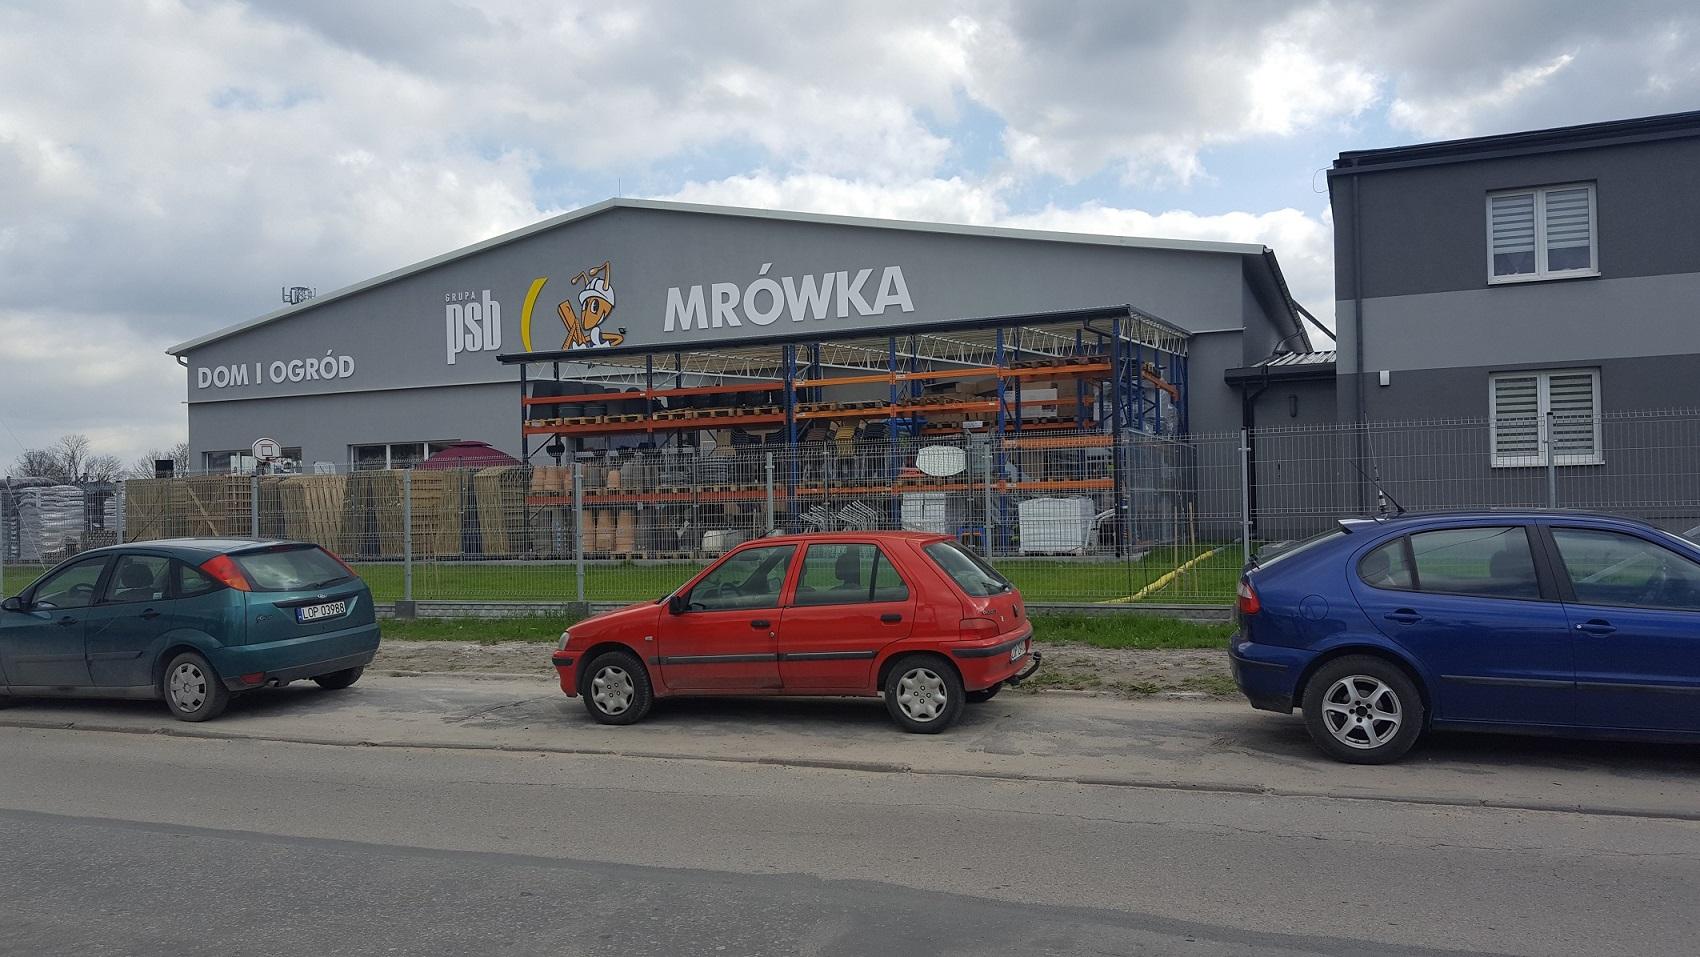 GRUPA PSB MA JUŻ 220 SKLEPÓW MRÓWKA W POLSCE